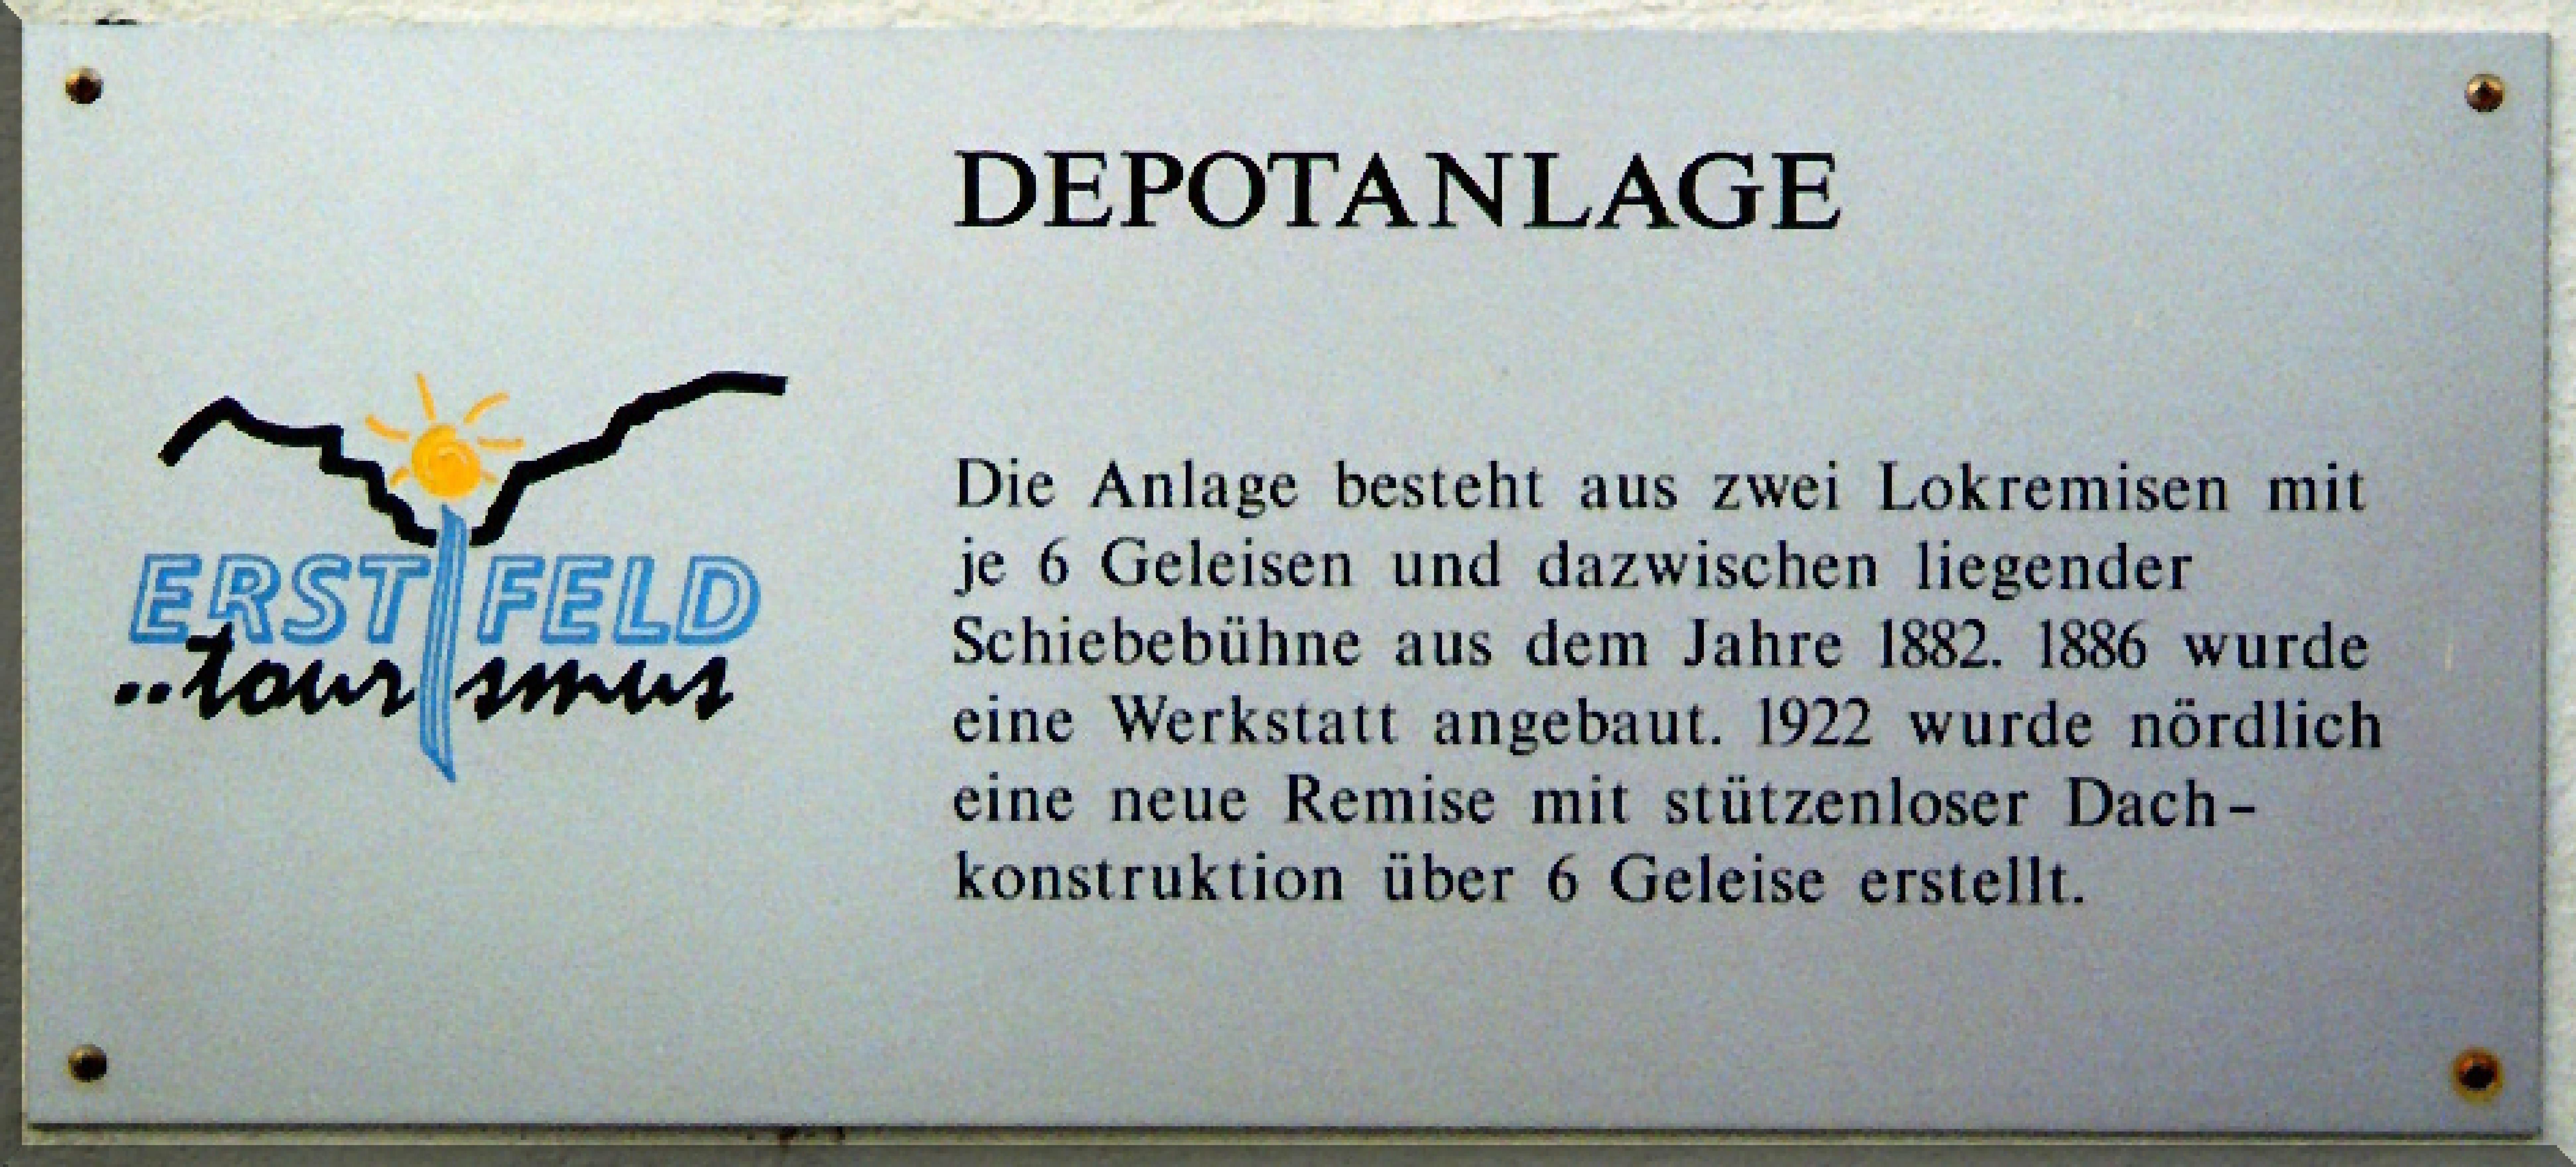 Tafel-Depotanlage